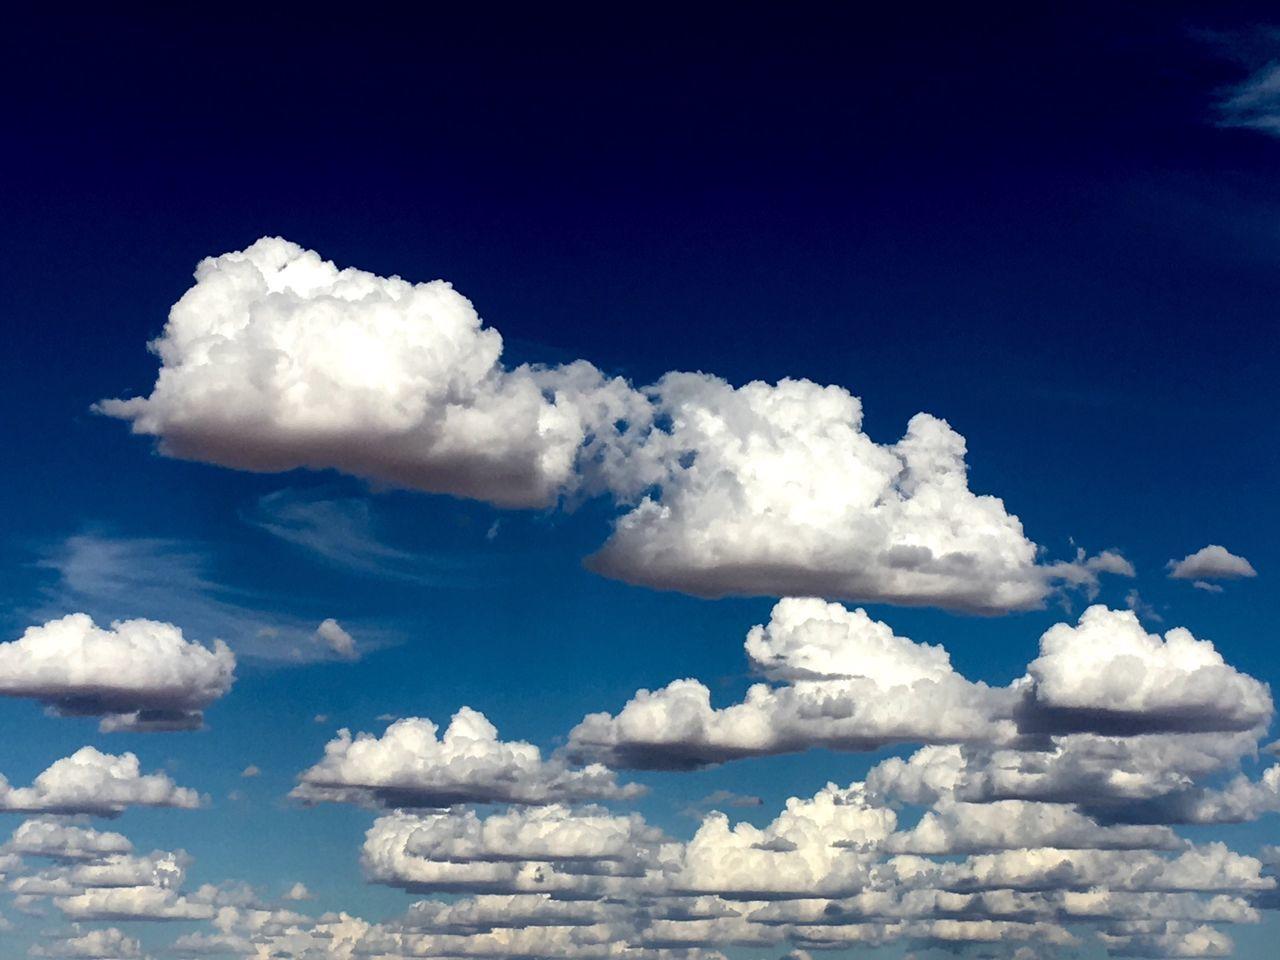 Clouds Cooper Basin South Australia